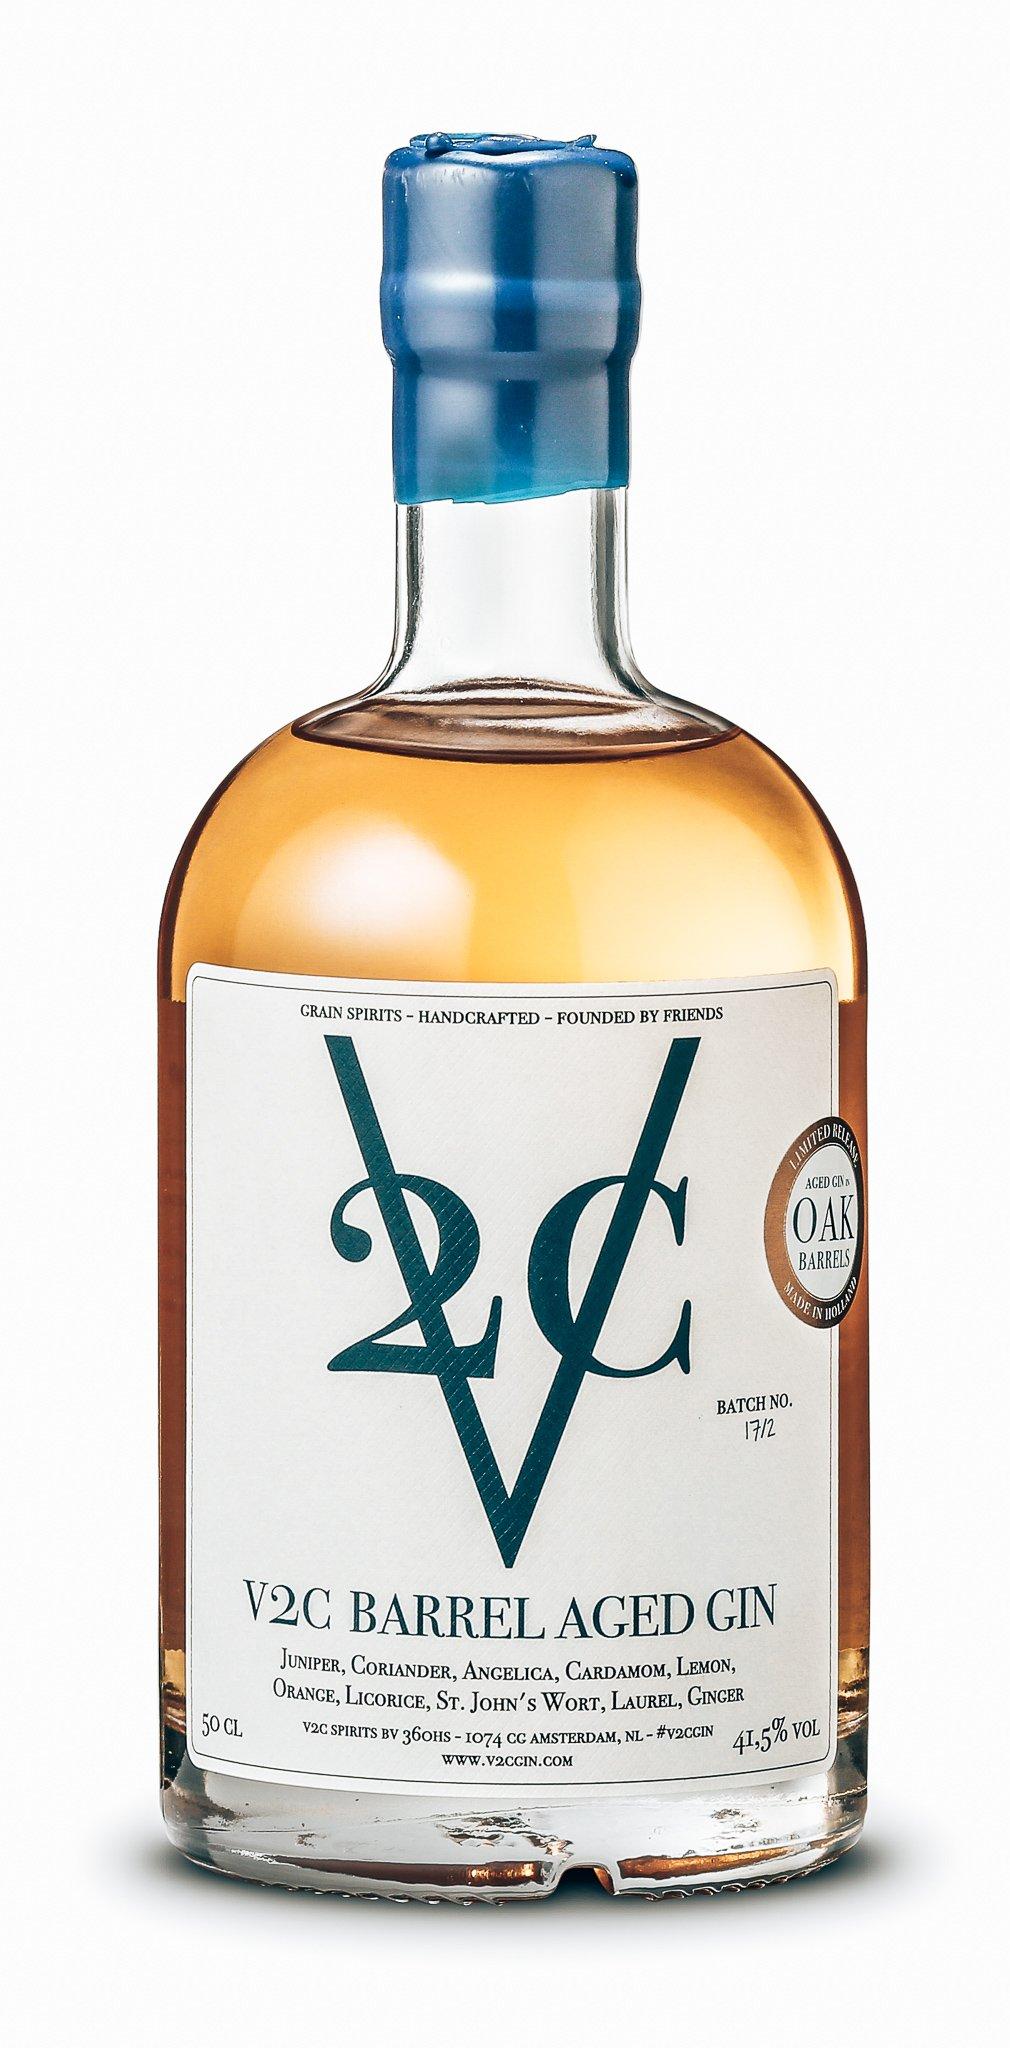 V2C Barrel Aged Gin, Amsterdam, Alles over gin.